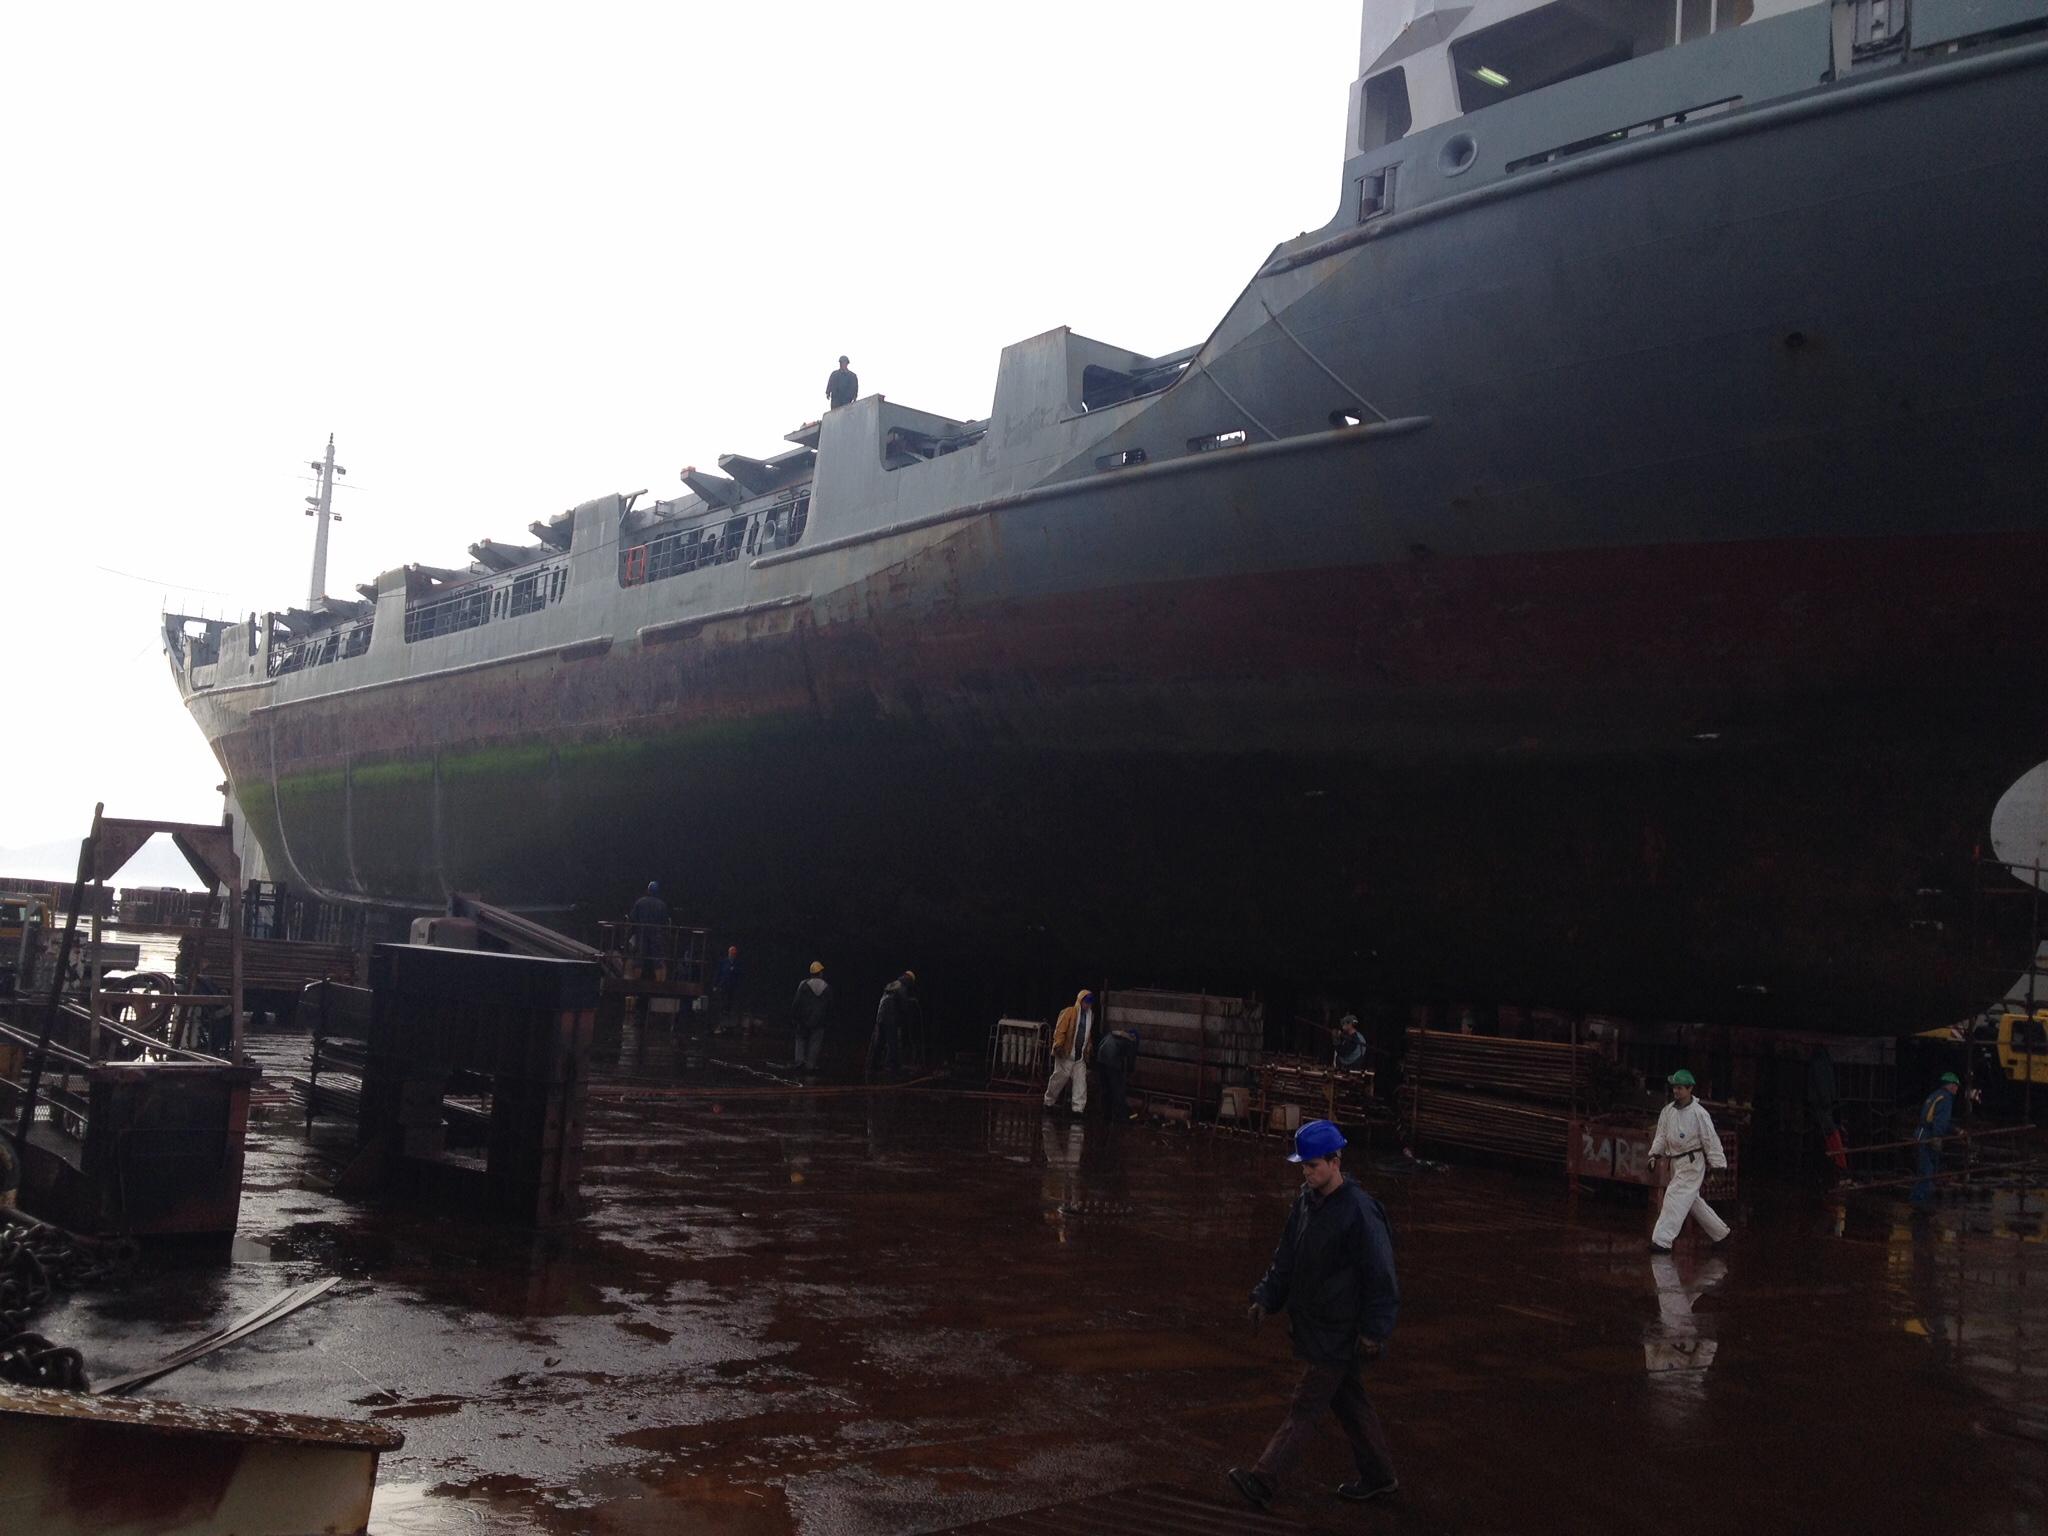 Viktor Lenac Shipyard